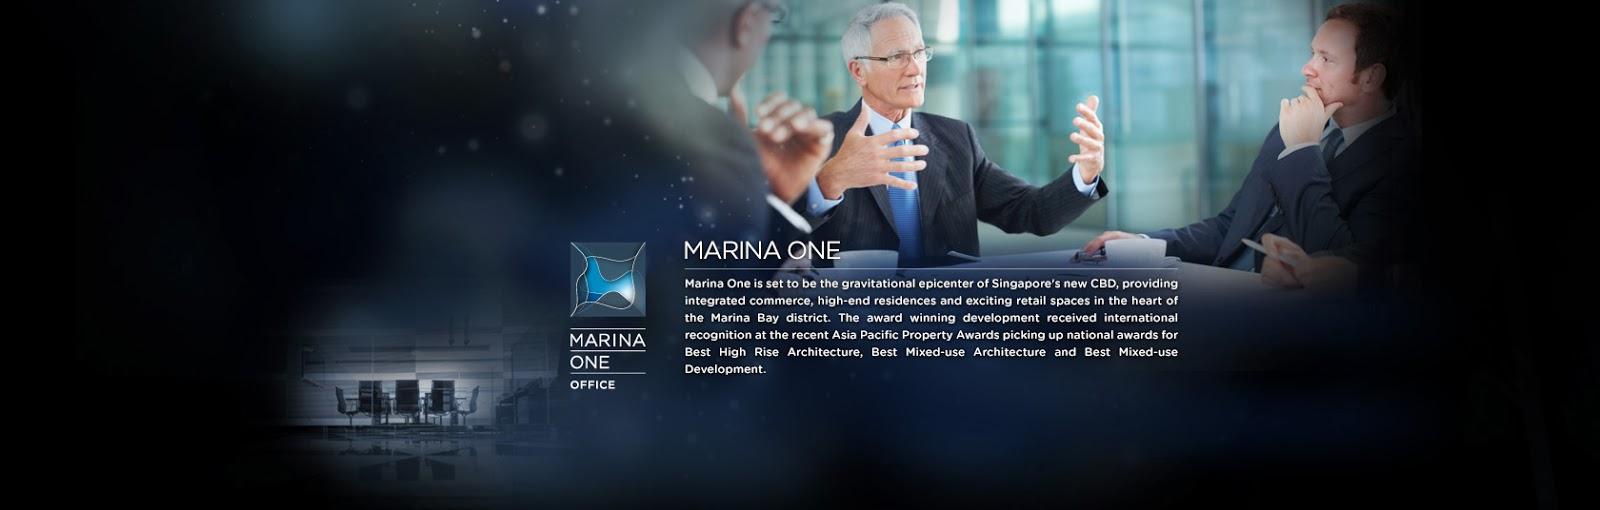 marina one office